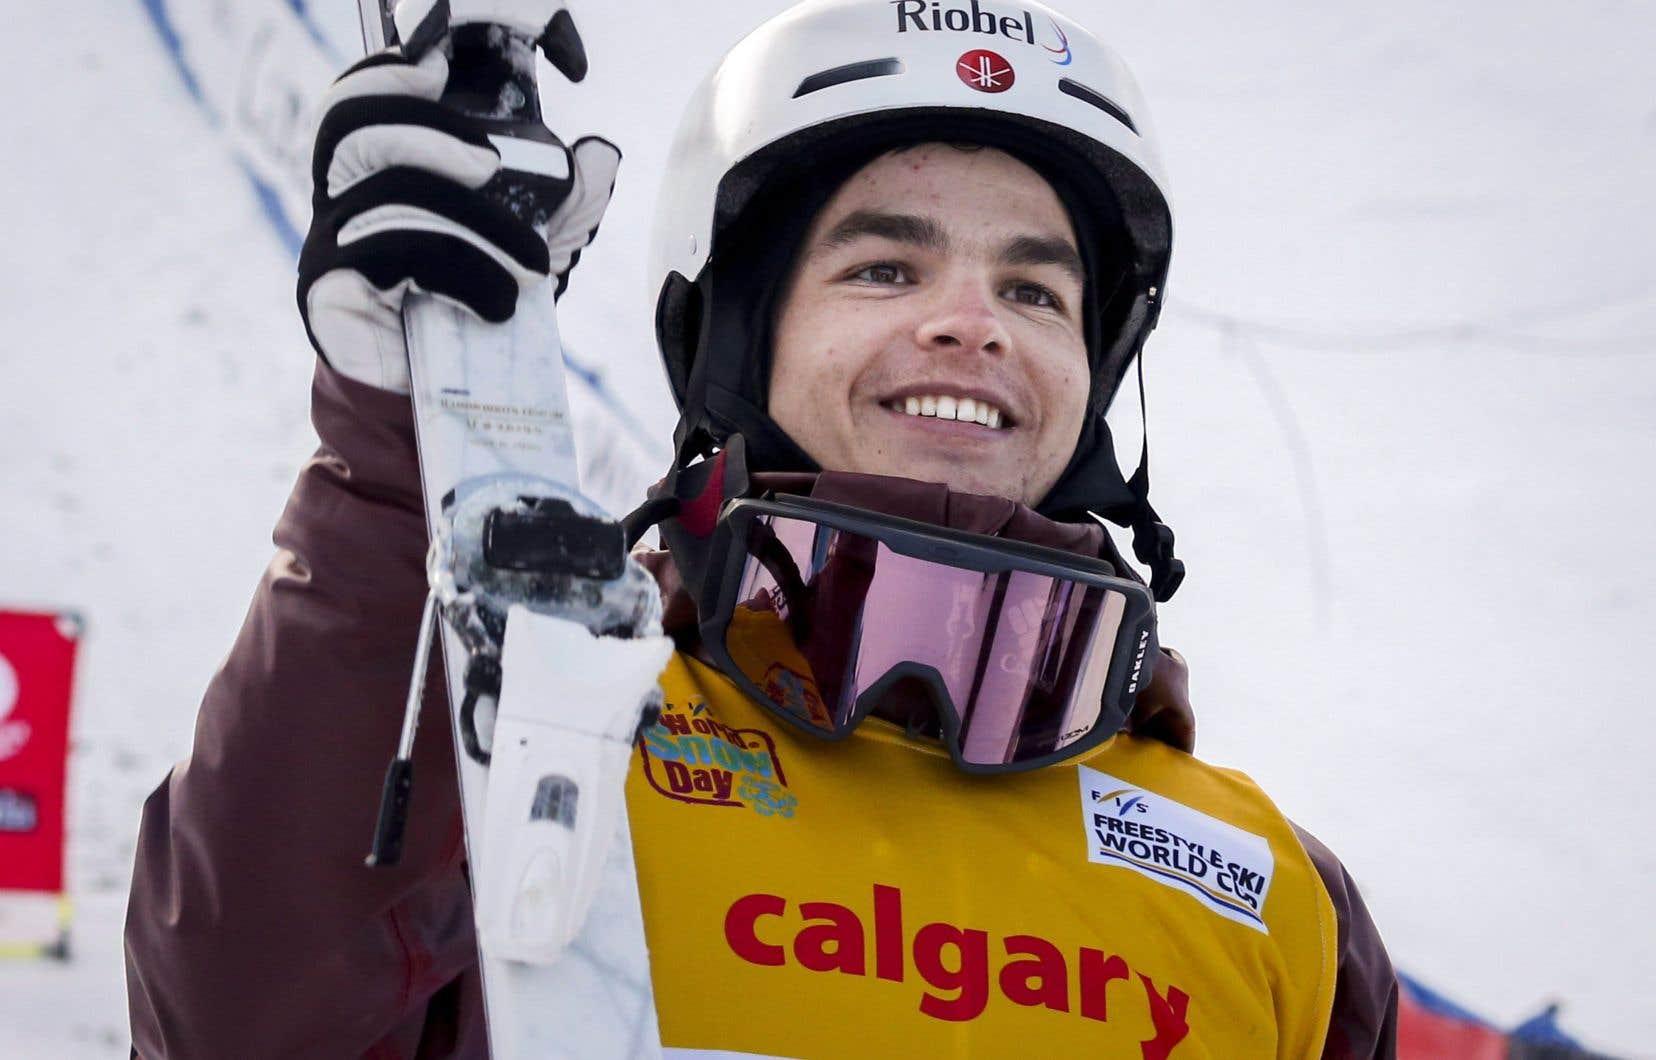 En remportant la médaille d'or en bosses à la Coupe du monde de ski acrobatique de Calgary, Mikaël Kingsbury a porté à 11 sa série record de victoires consécutives.